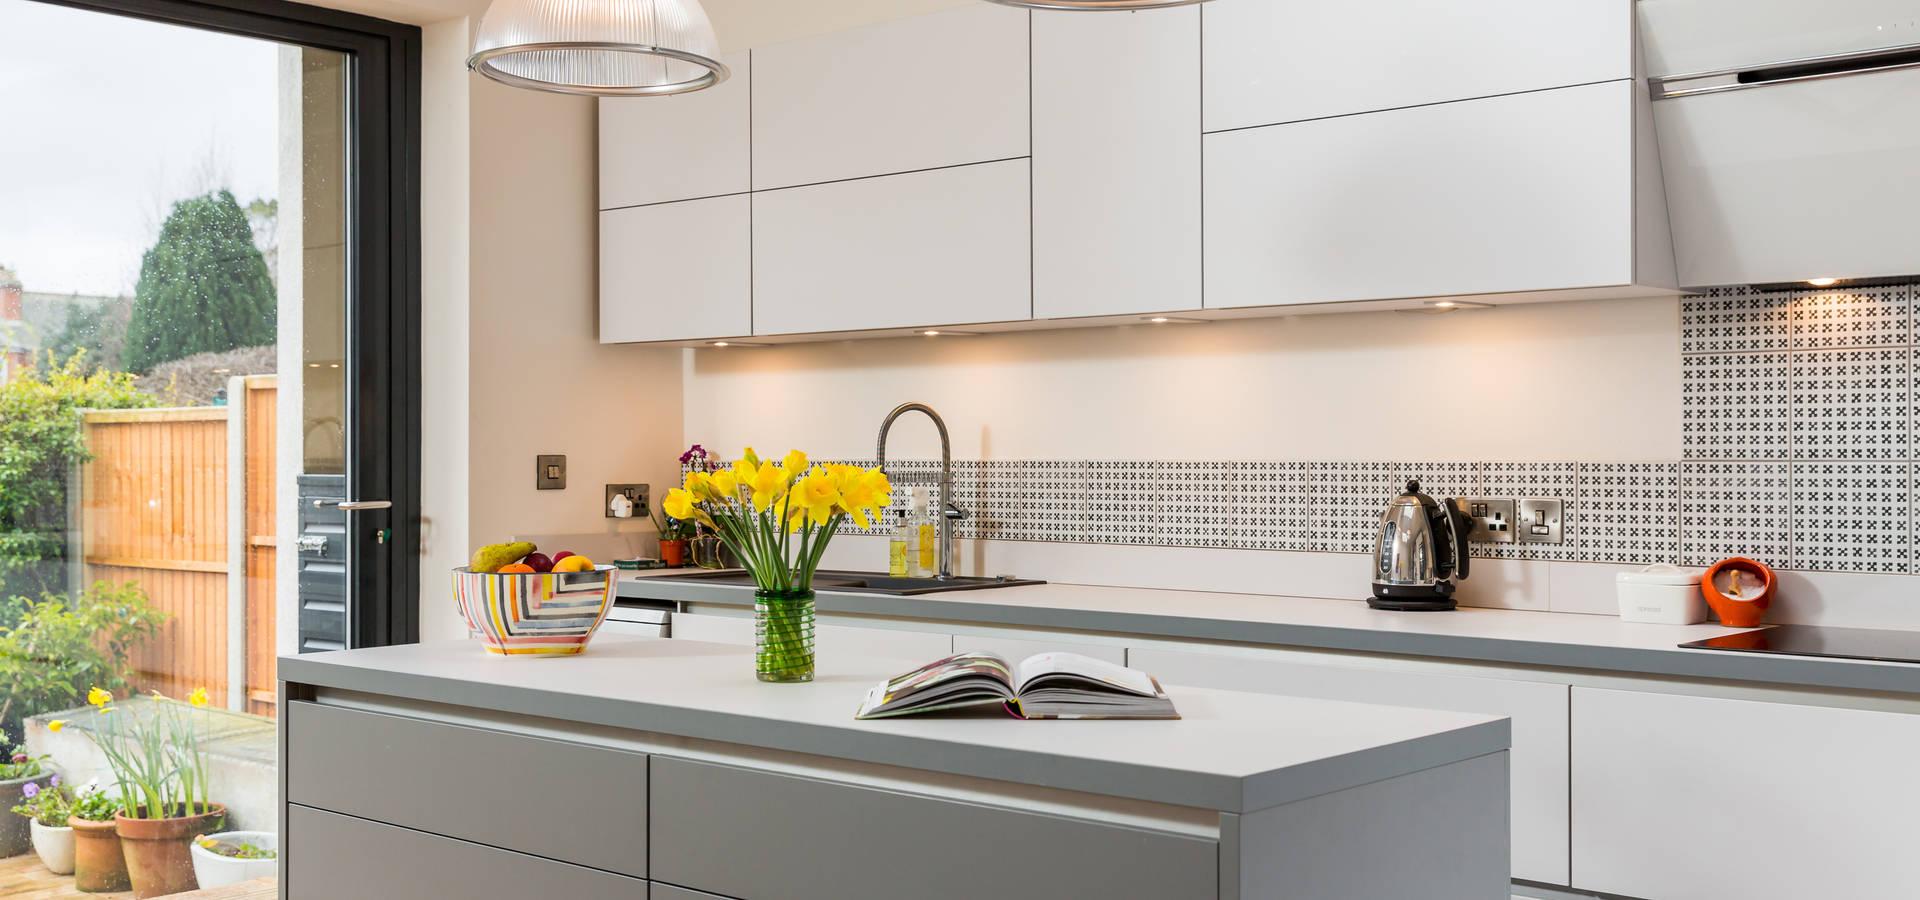 Eco german kitchens dise adores de cocinas en winchester homify - Disenadores de cocinas ...